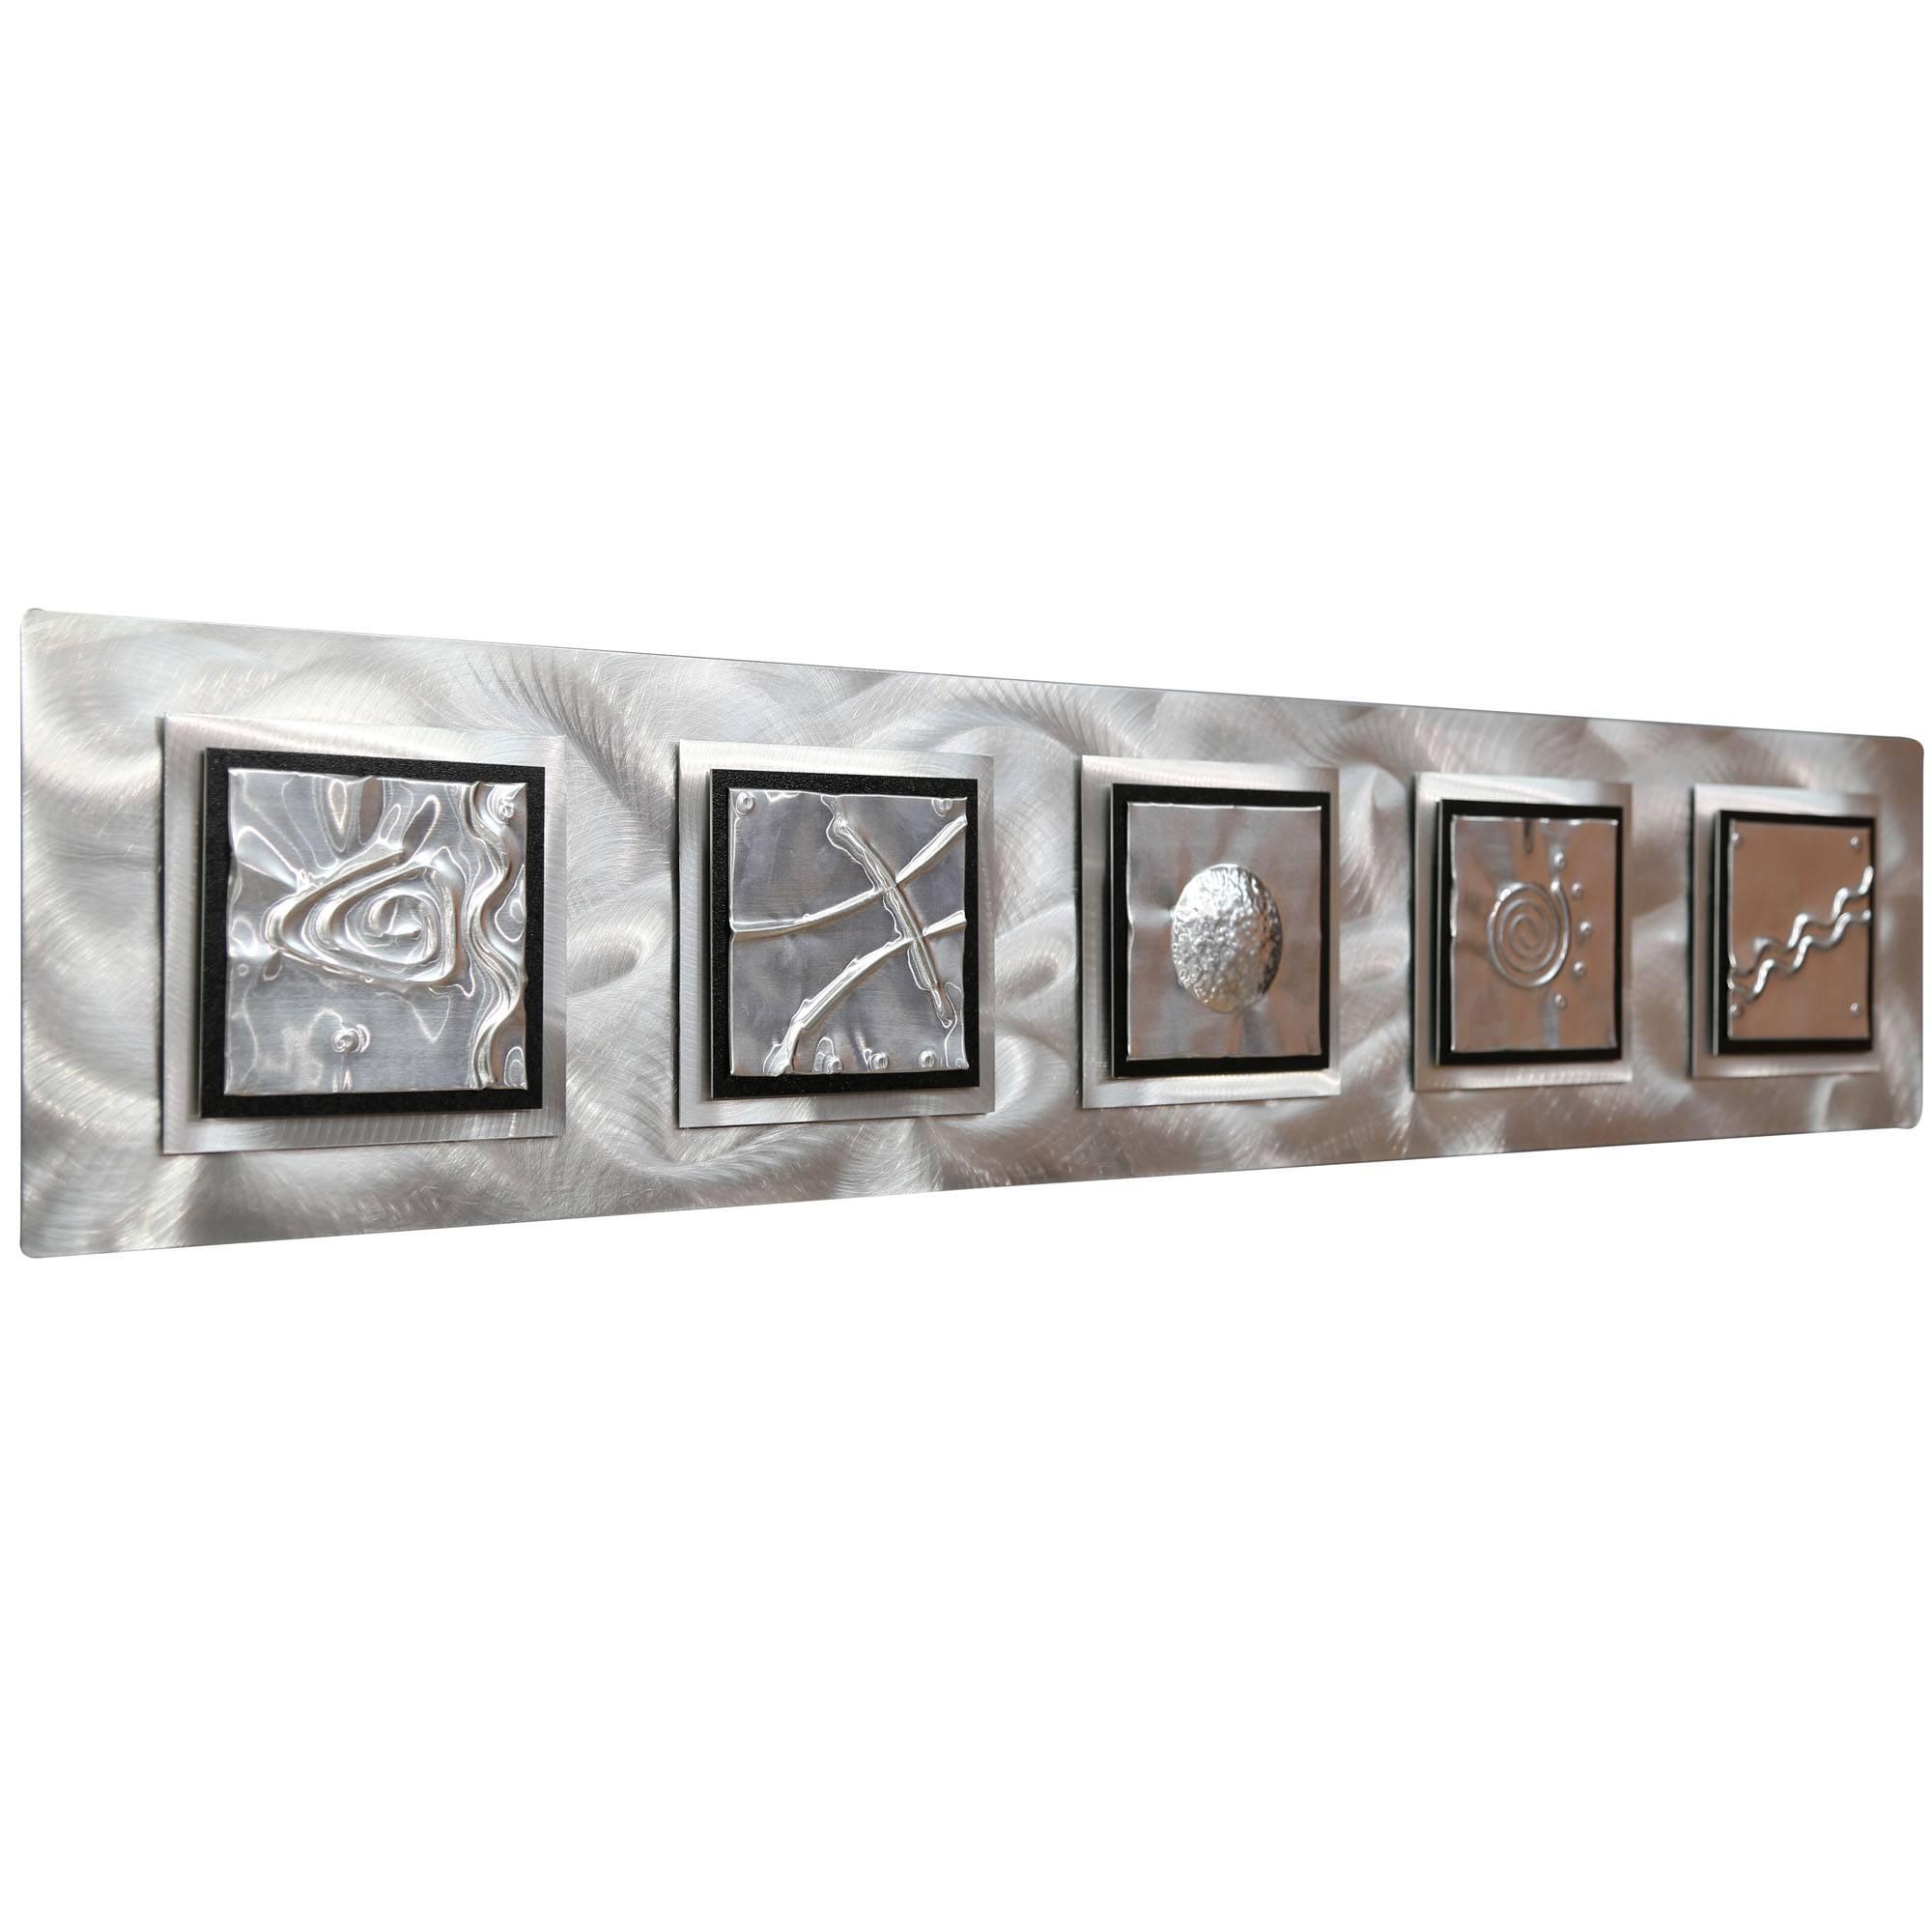 5 Elements – Silver/black Zen Metal Wall Art Accentjon Allen In Latest Elements Metal Wall Art (View 7 of 20)